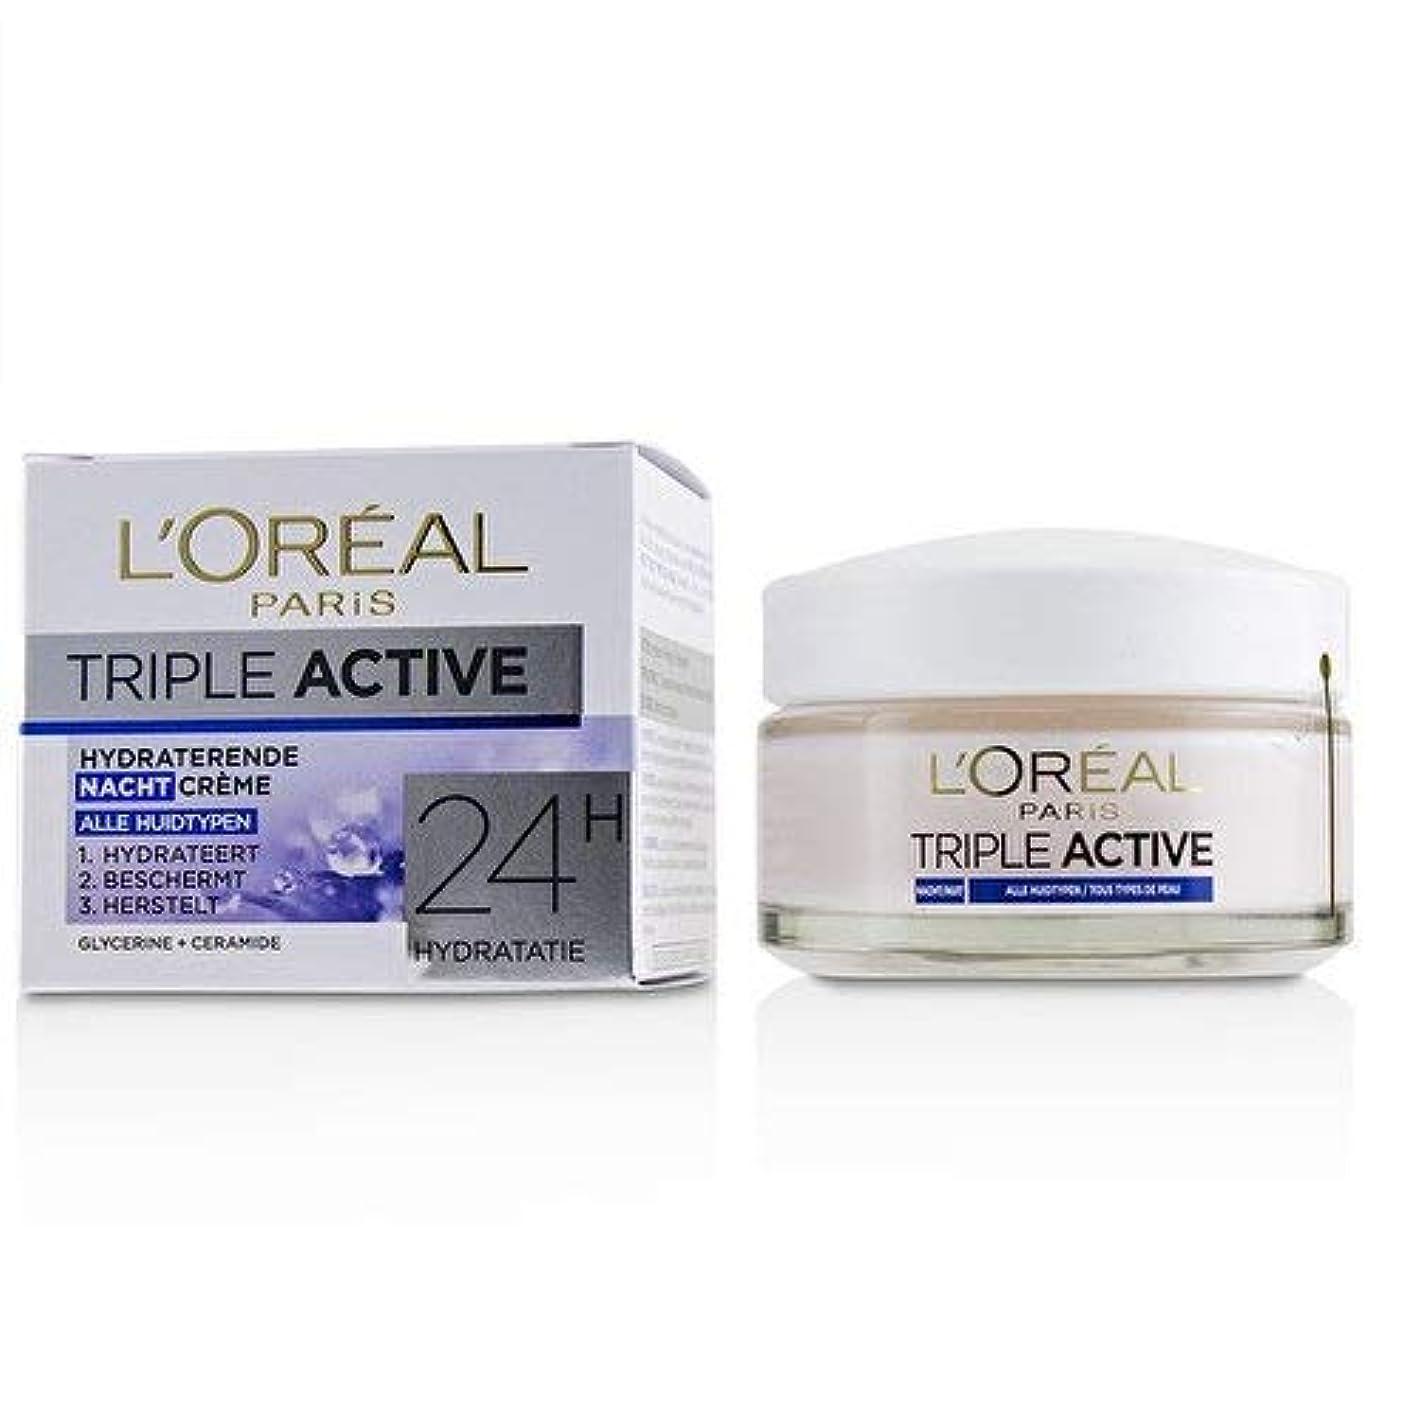 ストレージ反対望むロレアル Triple Active Hydrating Night Cream 24H Hydration - For All Skin Types 50ml/1.7oz並行輸入品